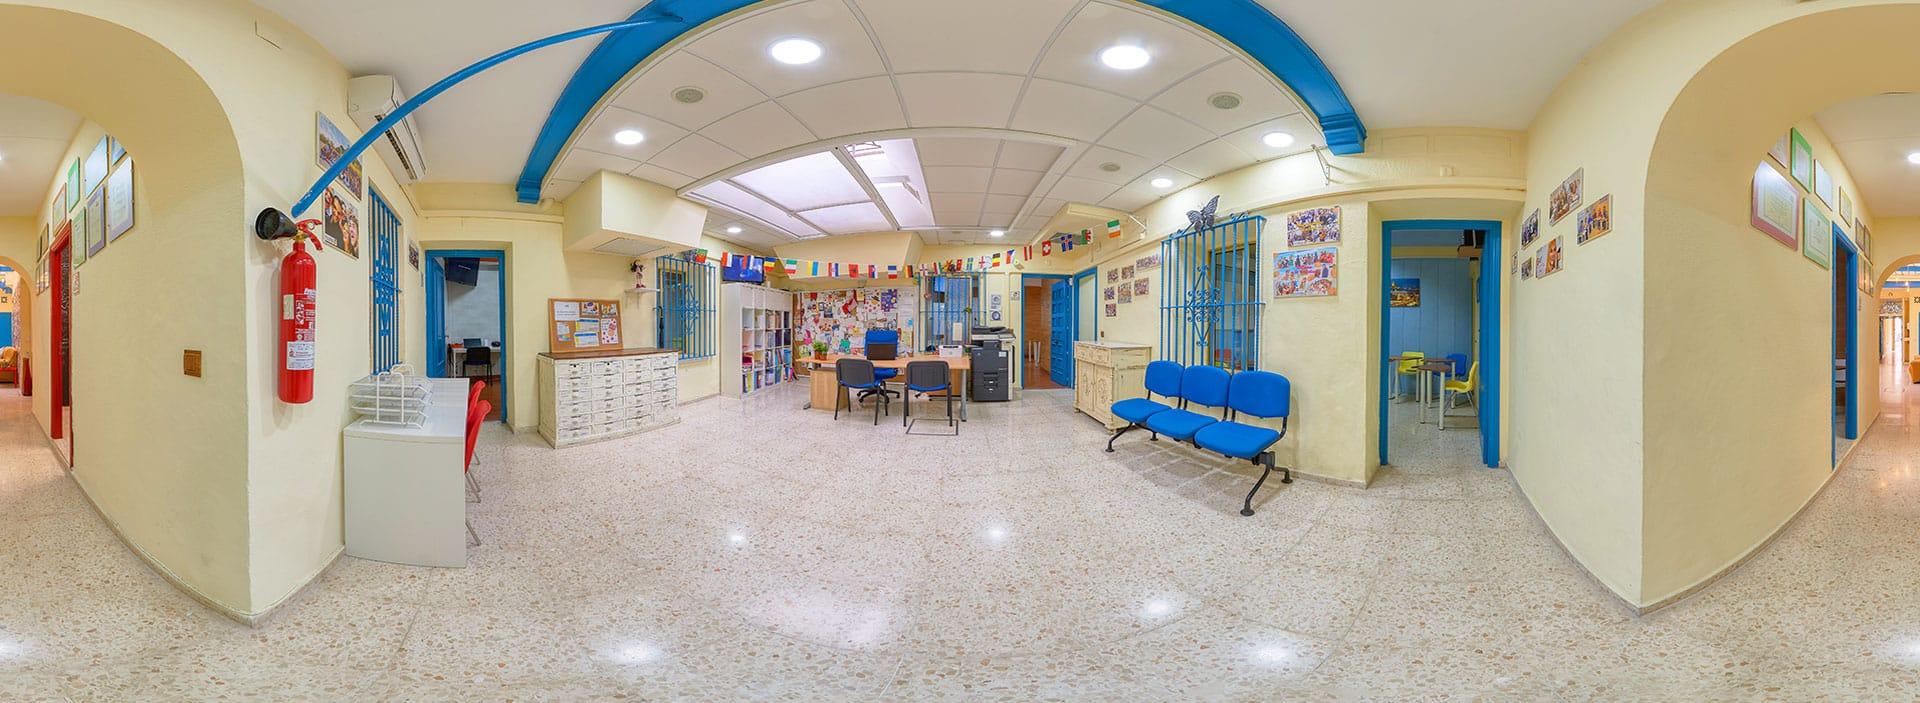 maus school cabecera contacta